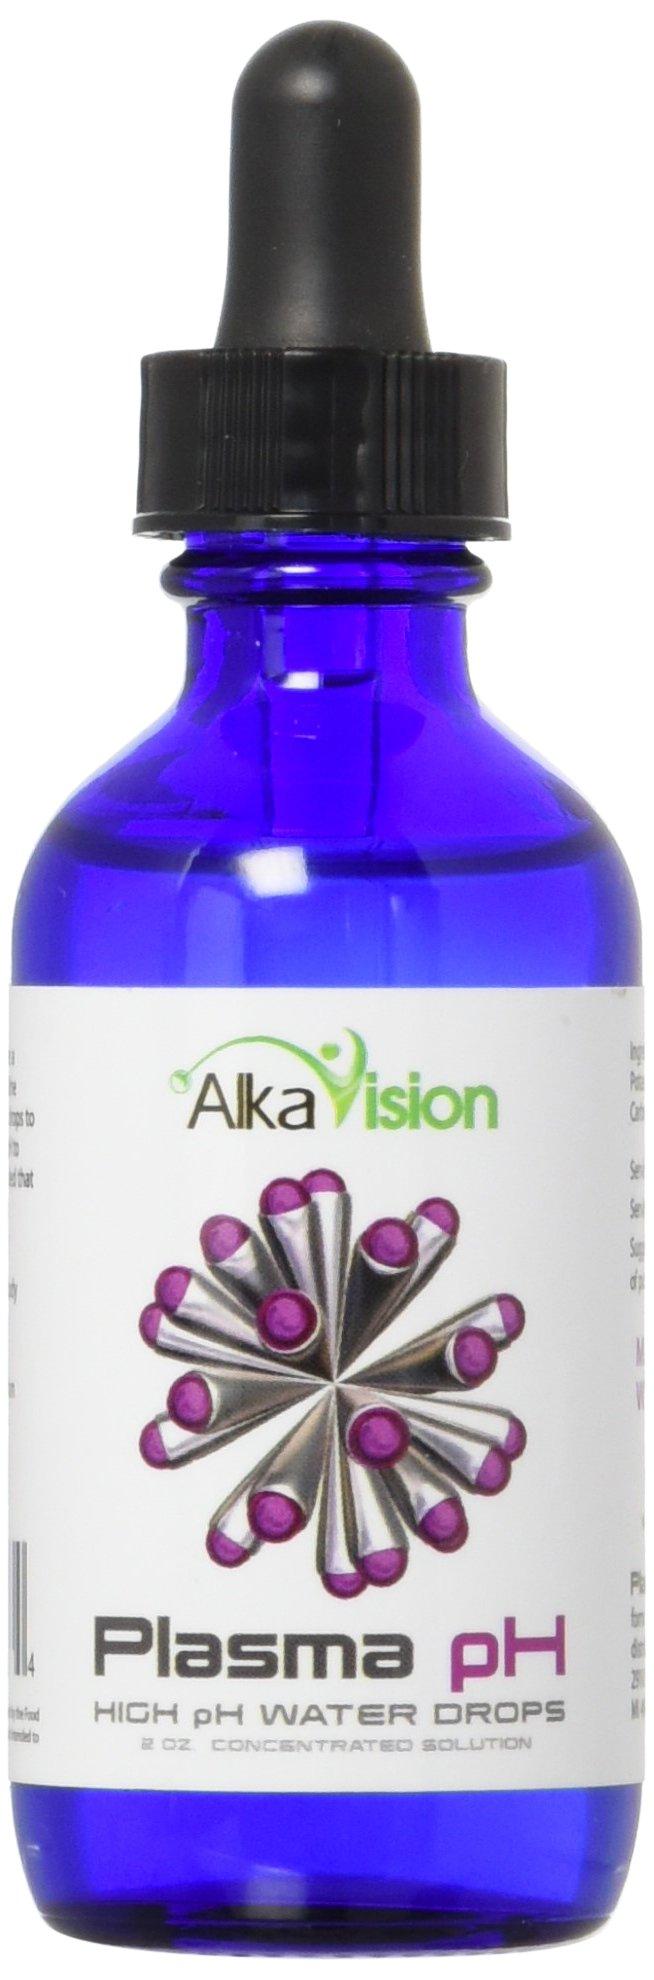 Plasma pH Drops 2 oz by AlkaVision 115 Servings - Original